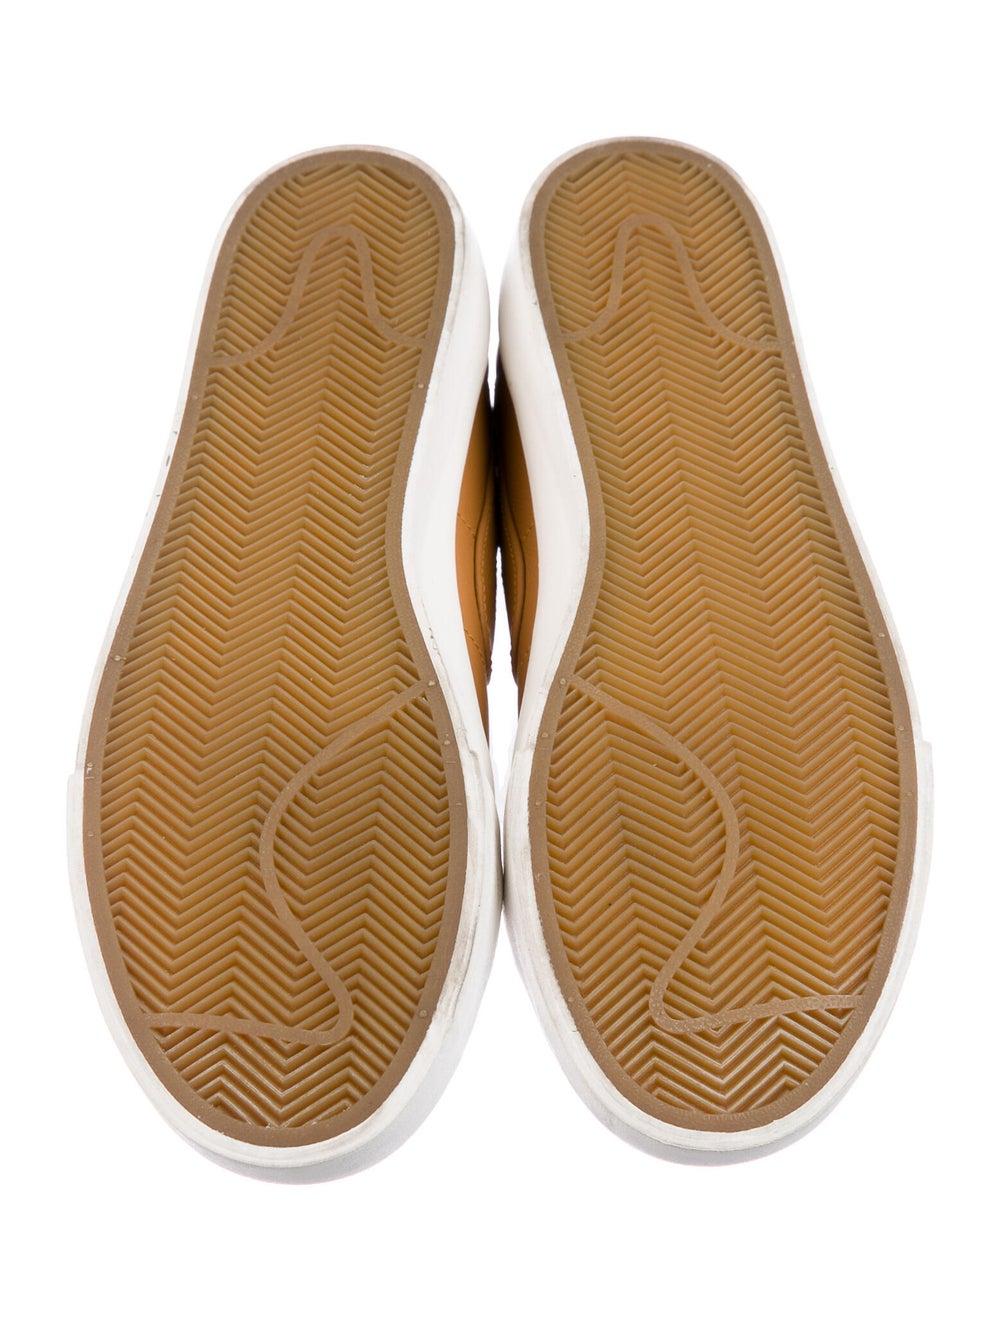 Nike Blazer Sneakers Brown - image 5